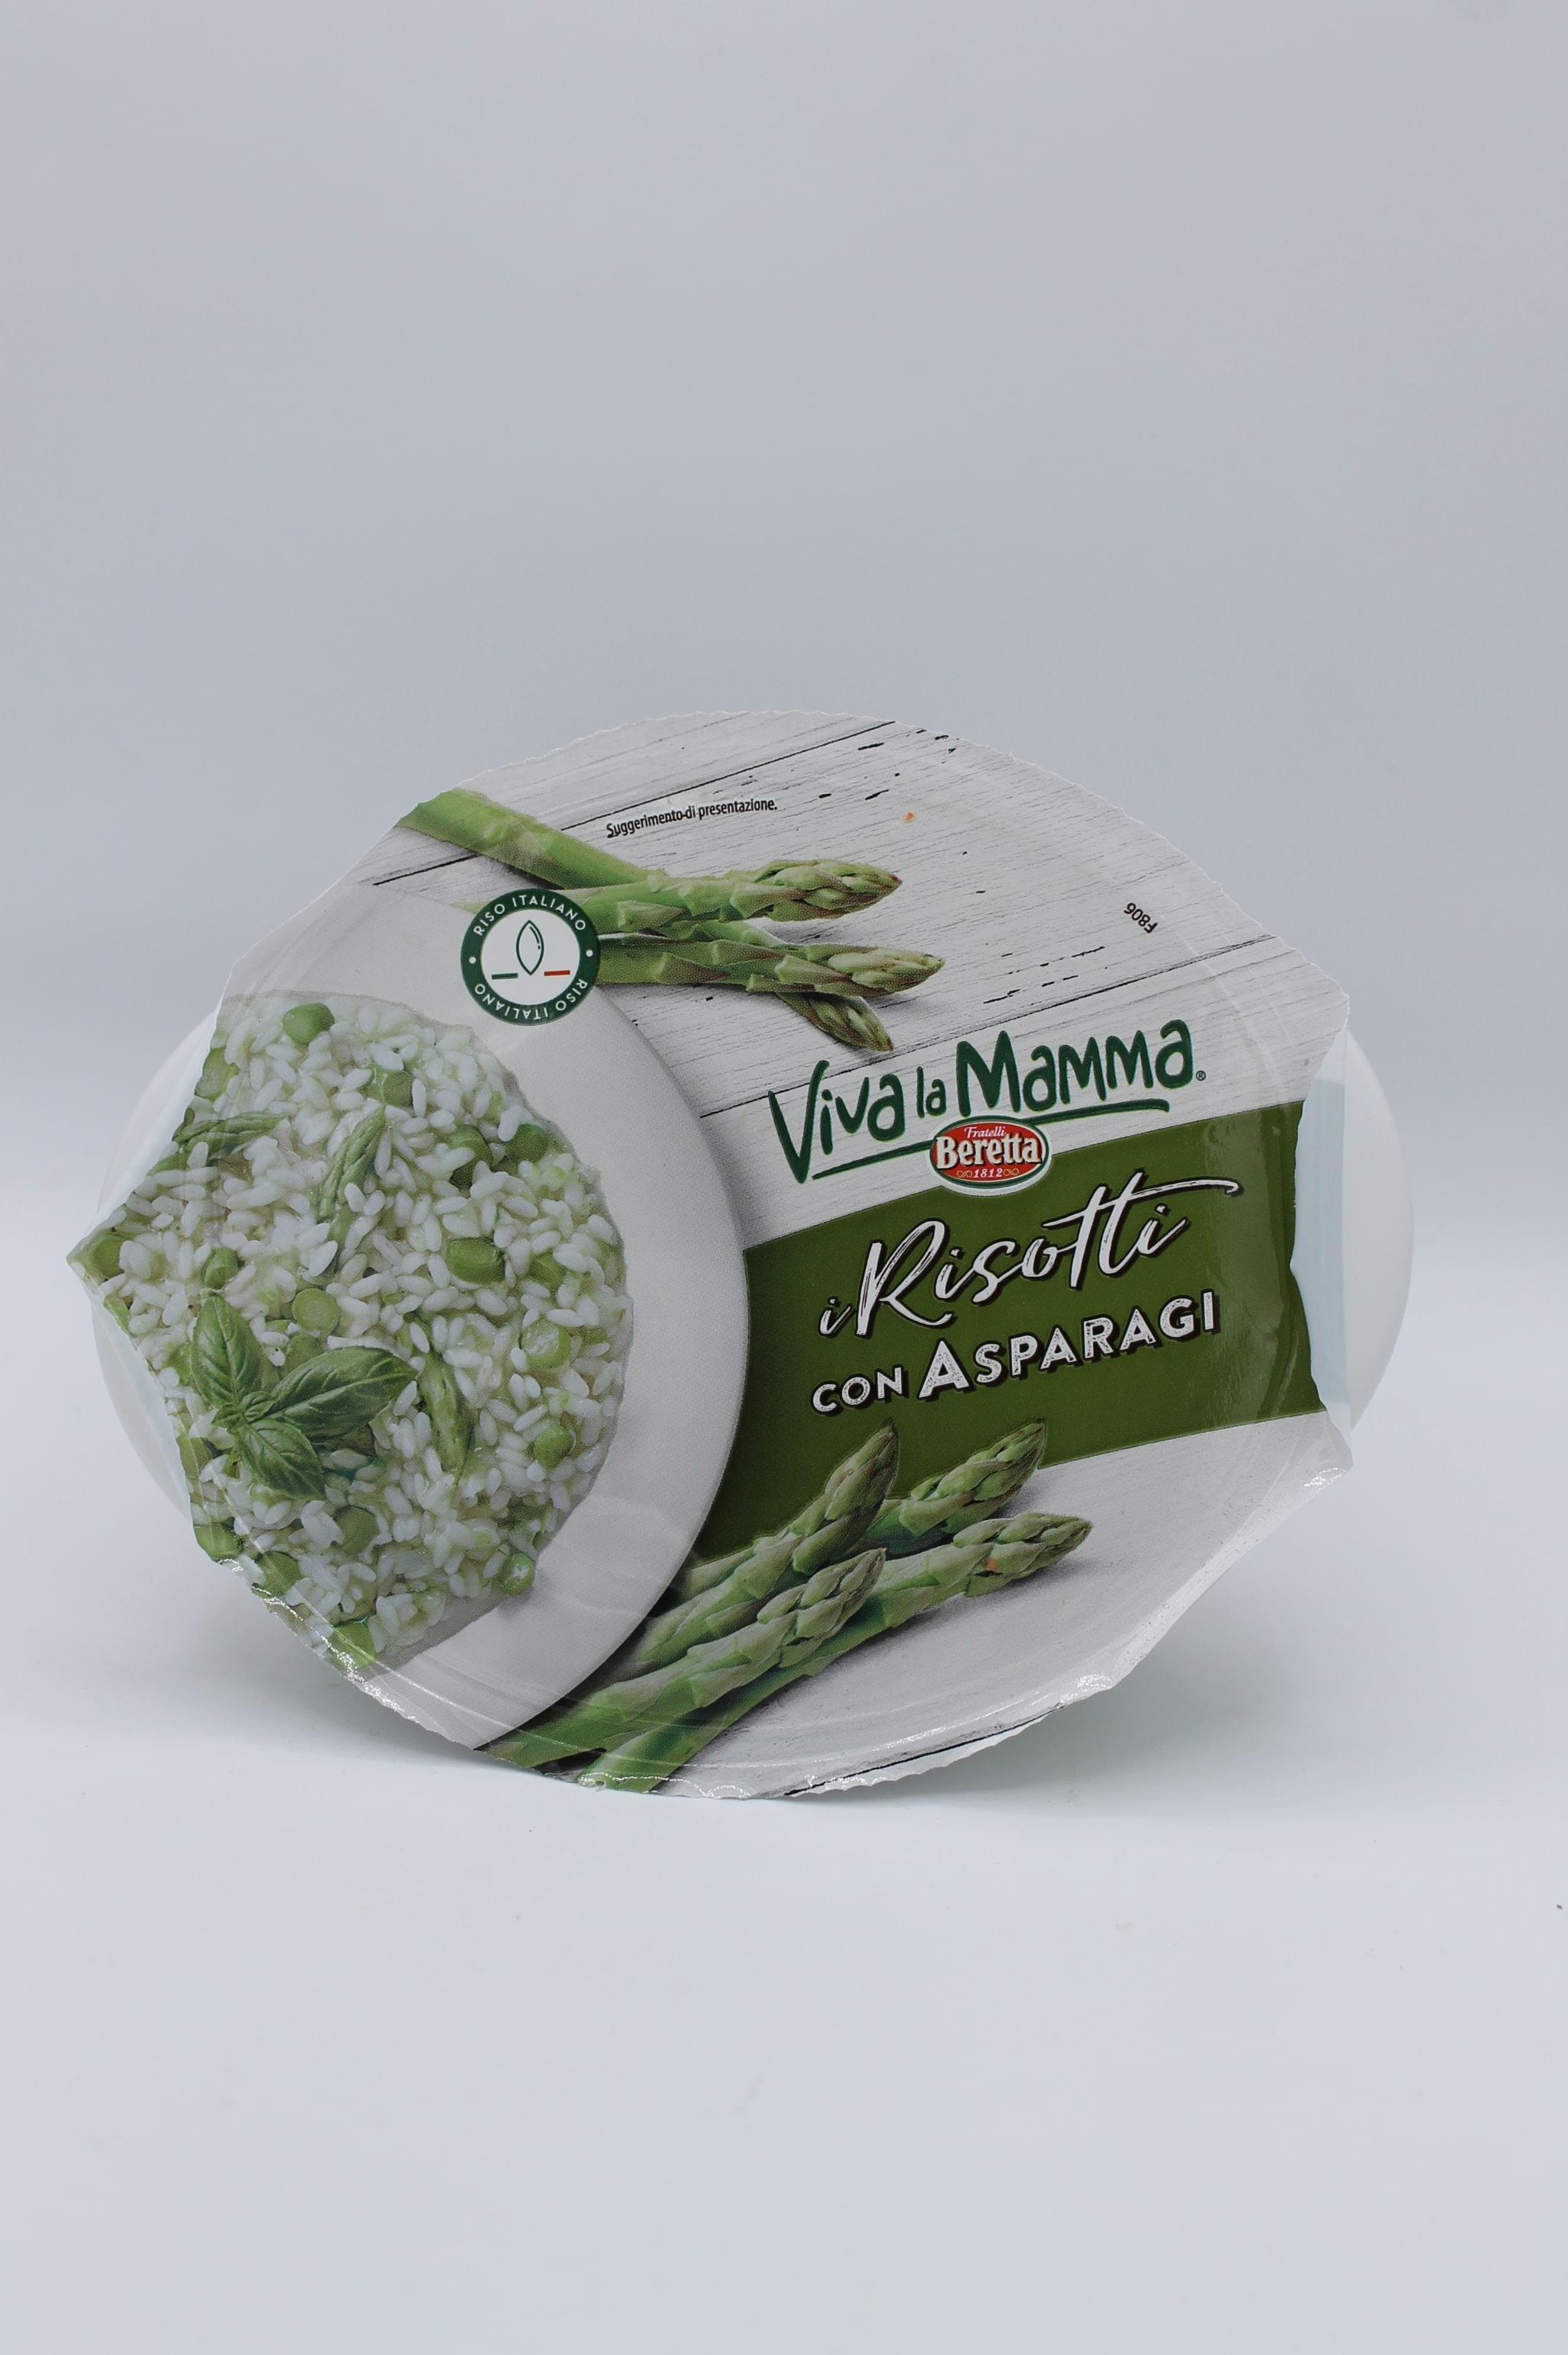 Viva la mamma risotto asparagi 250gr.